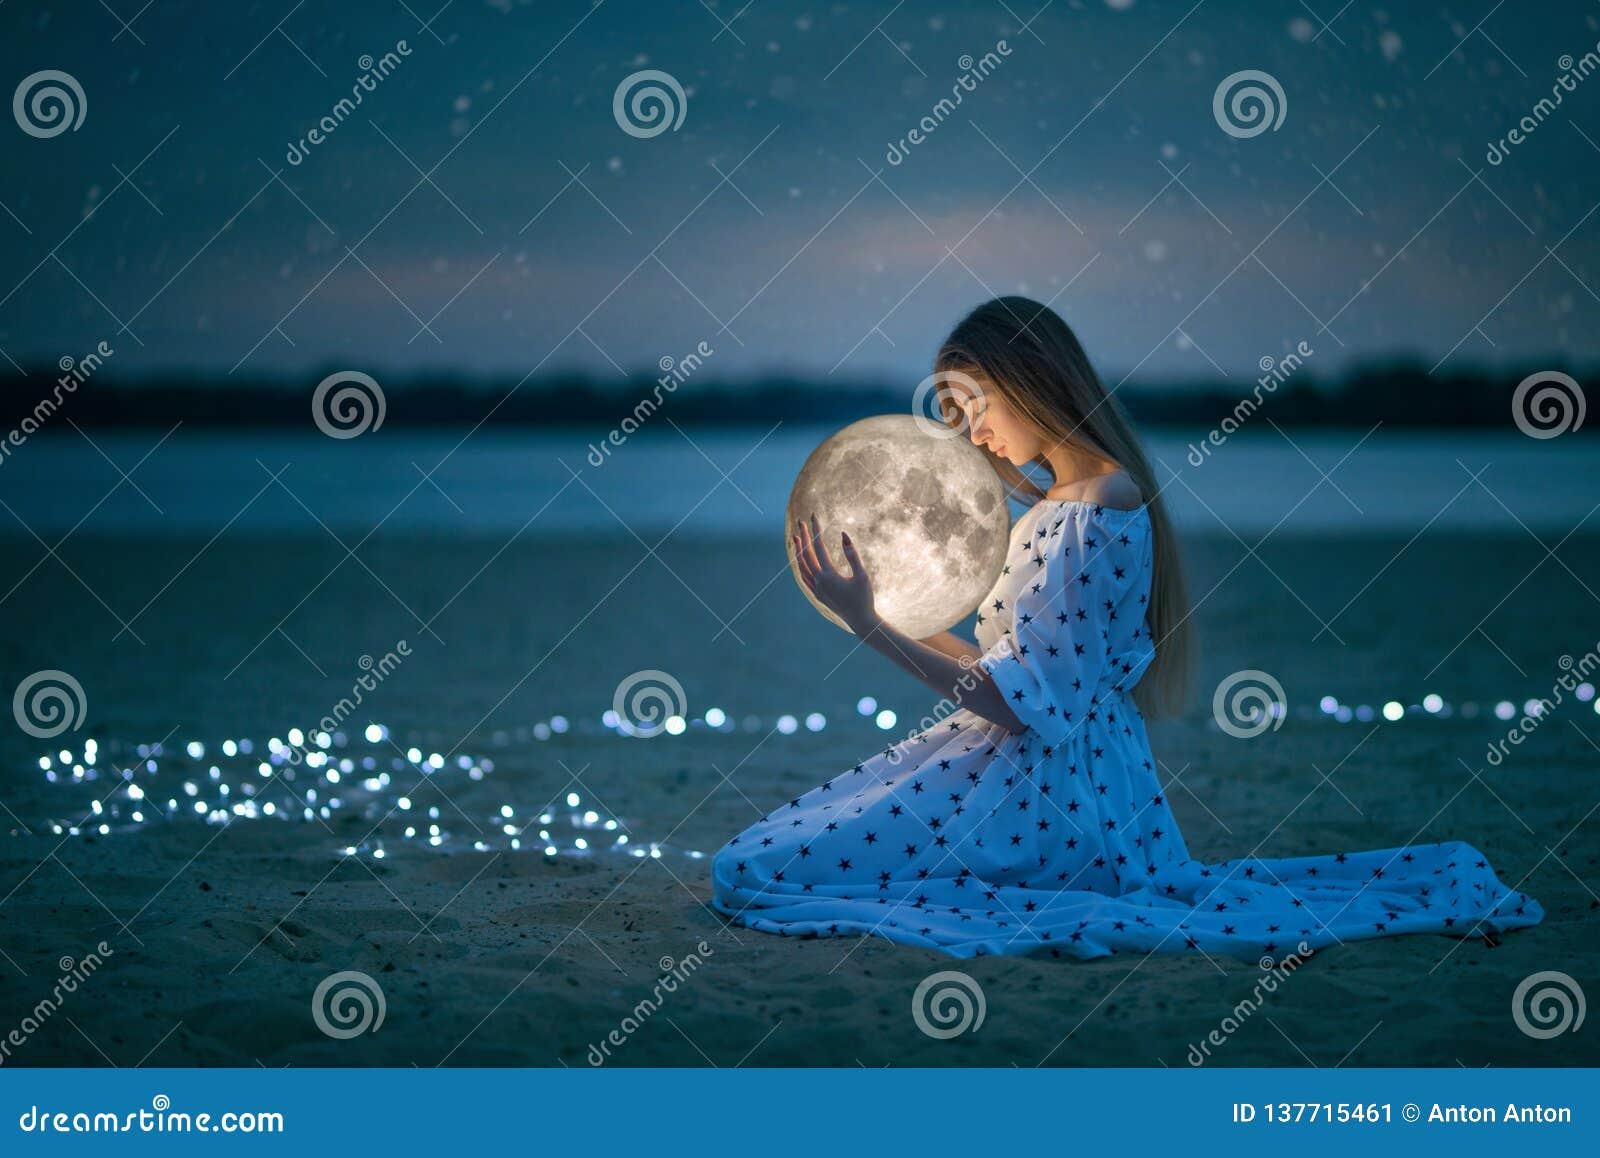 夜海滩的美丽的可爱的女孩与沙子和星拥抱月亮,艺术性的摄影